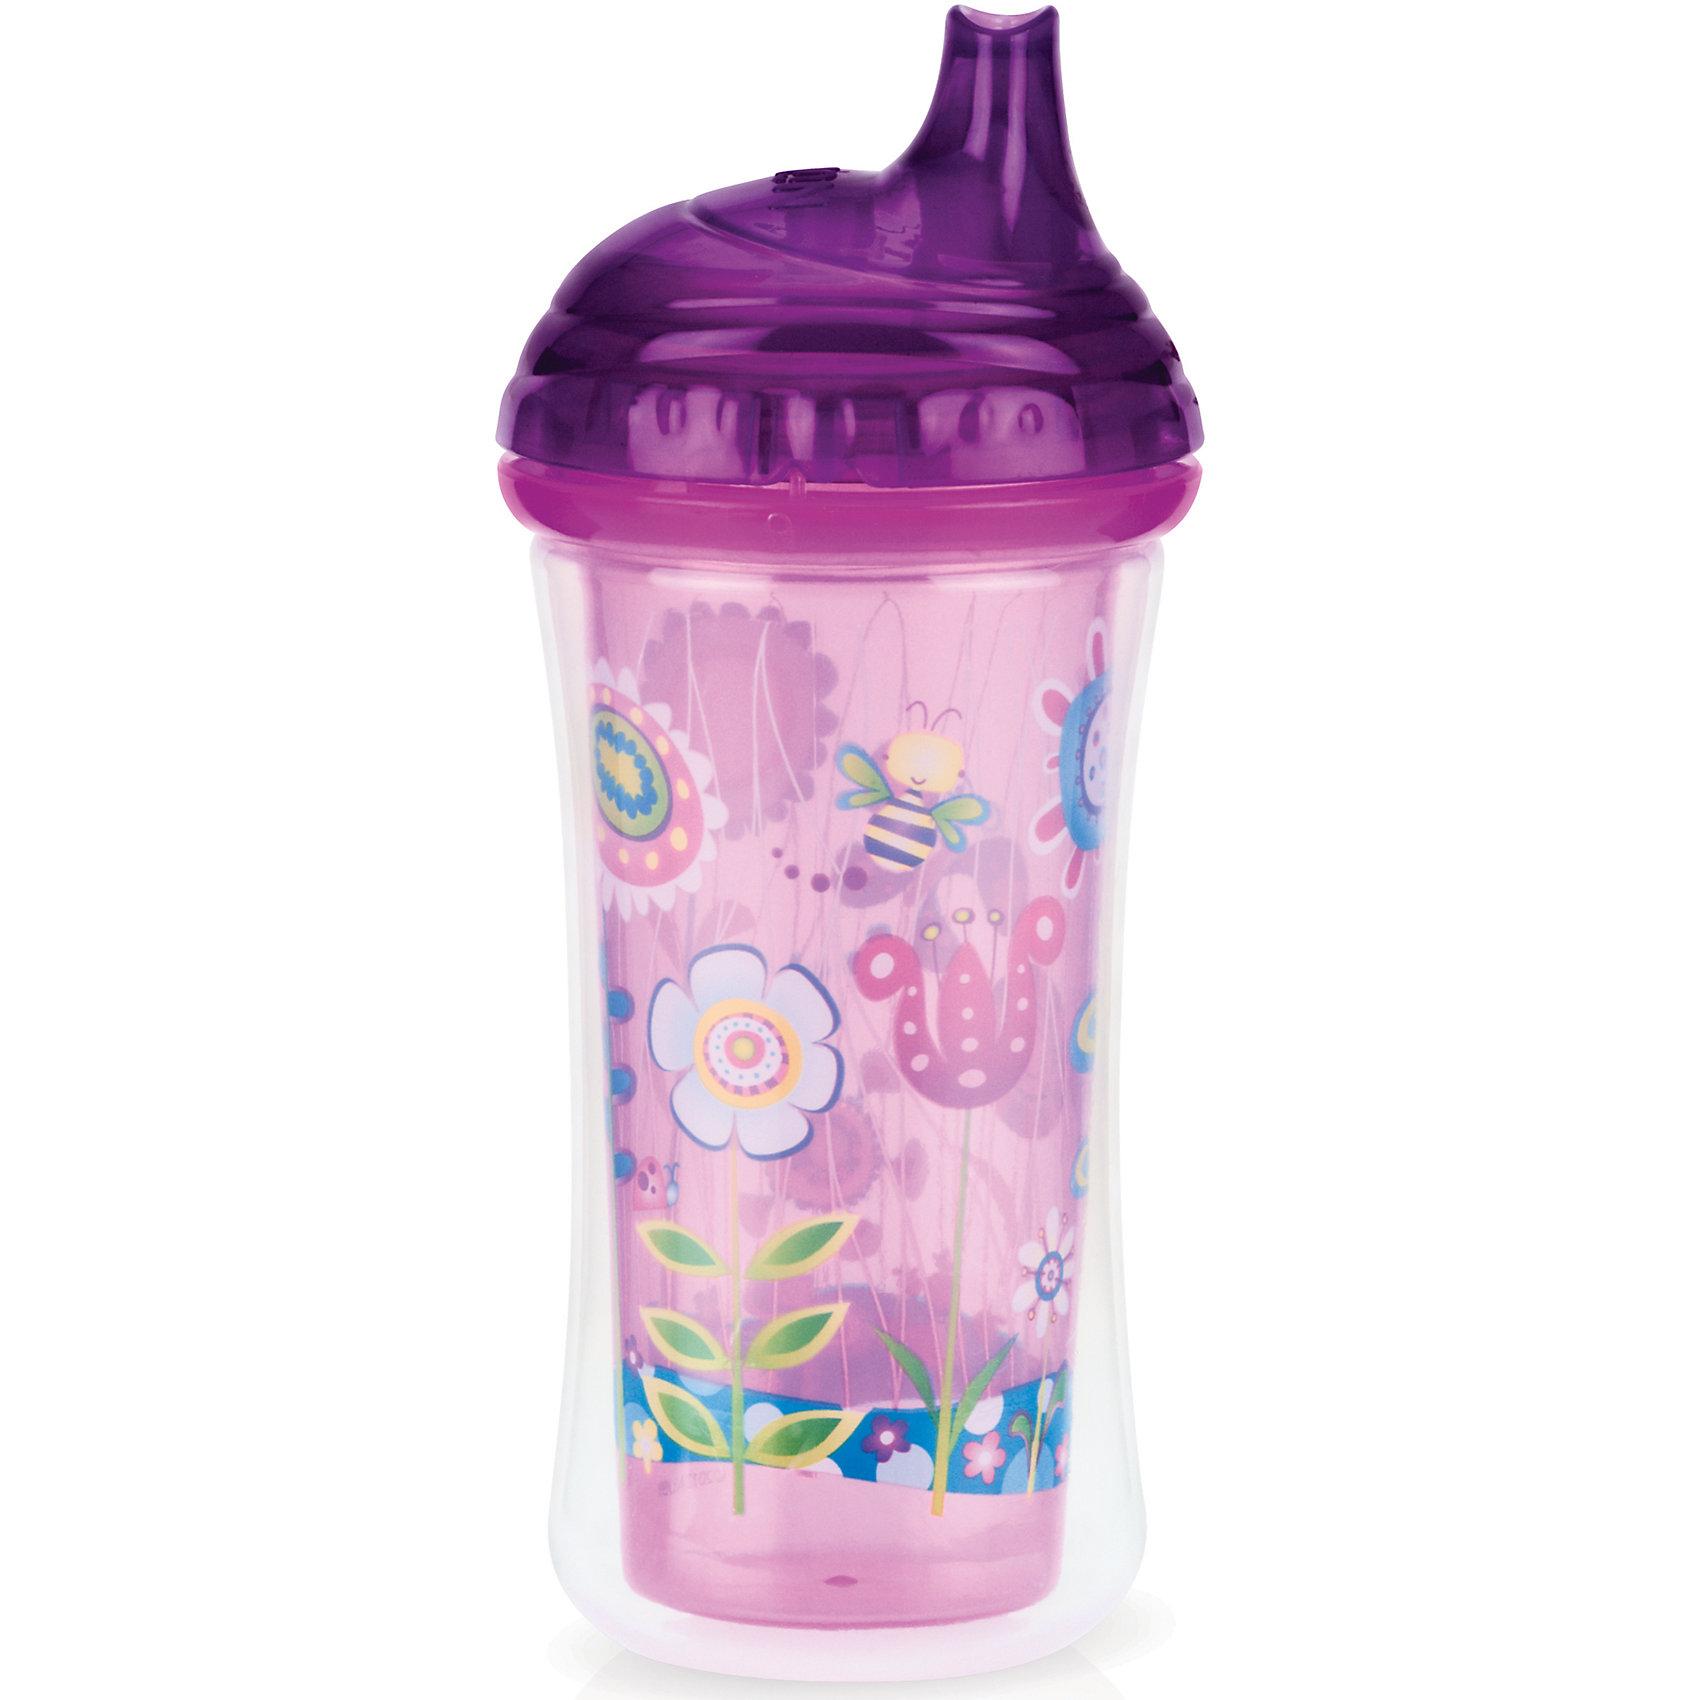 Поильник Цветы, 270мл, Nuby, фиолетовый